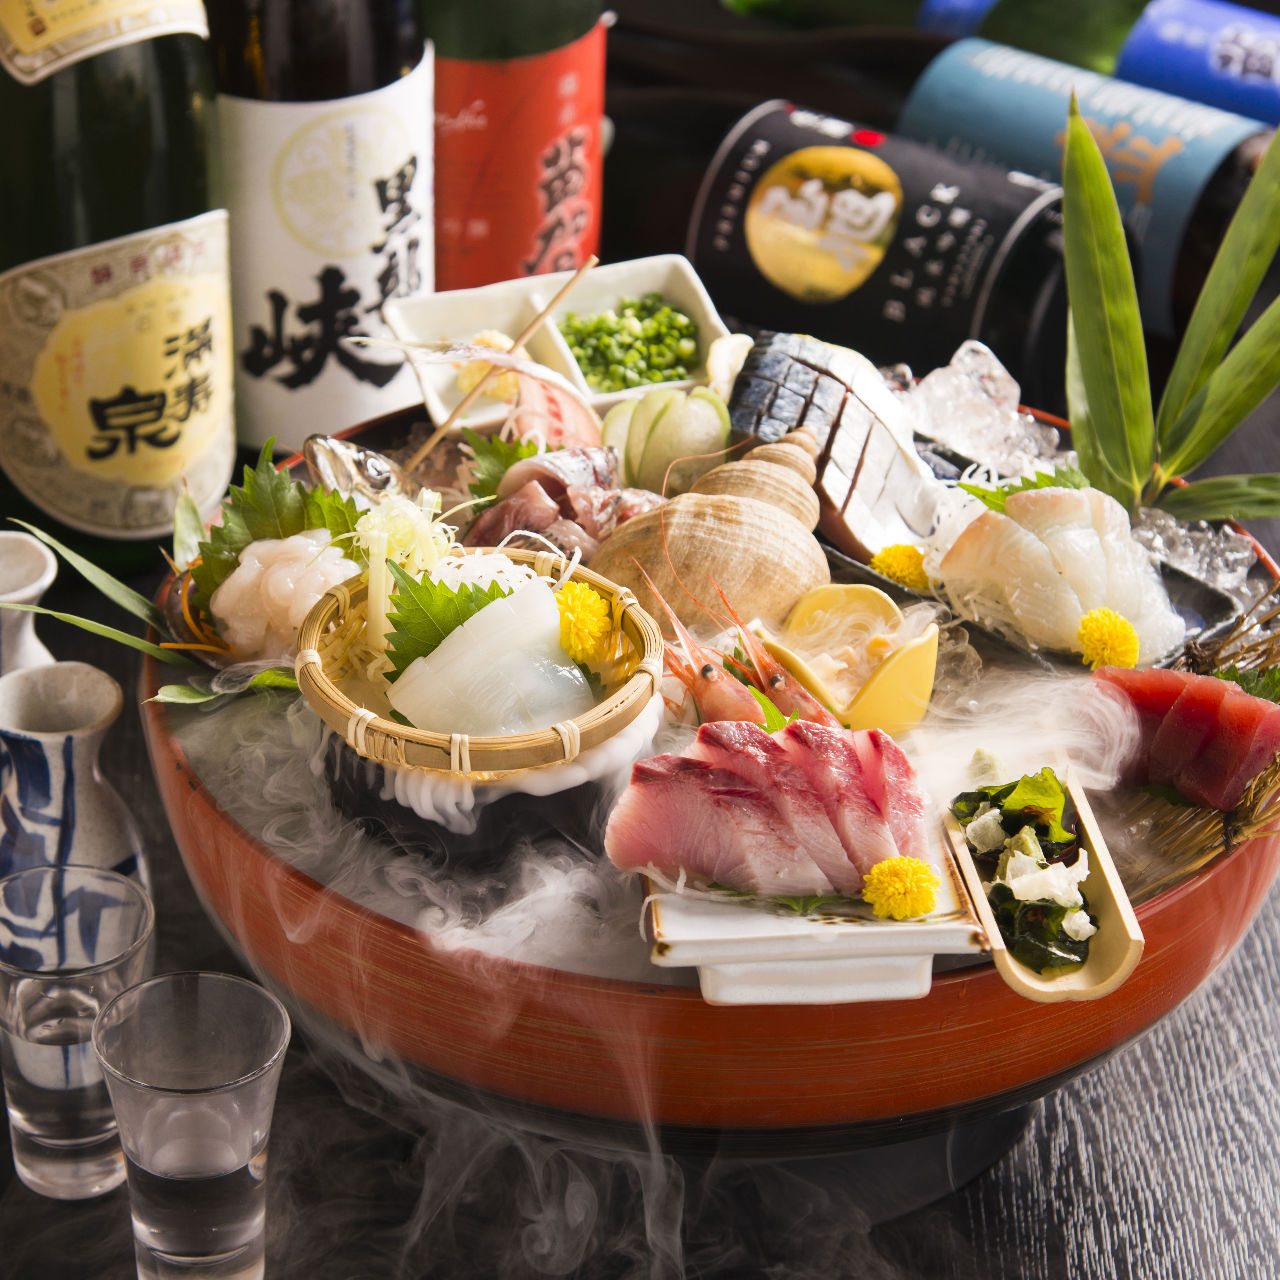 富山の地酒と富山の焼酎あります!